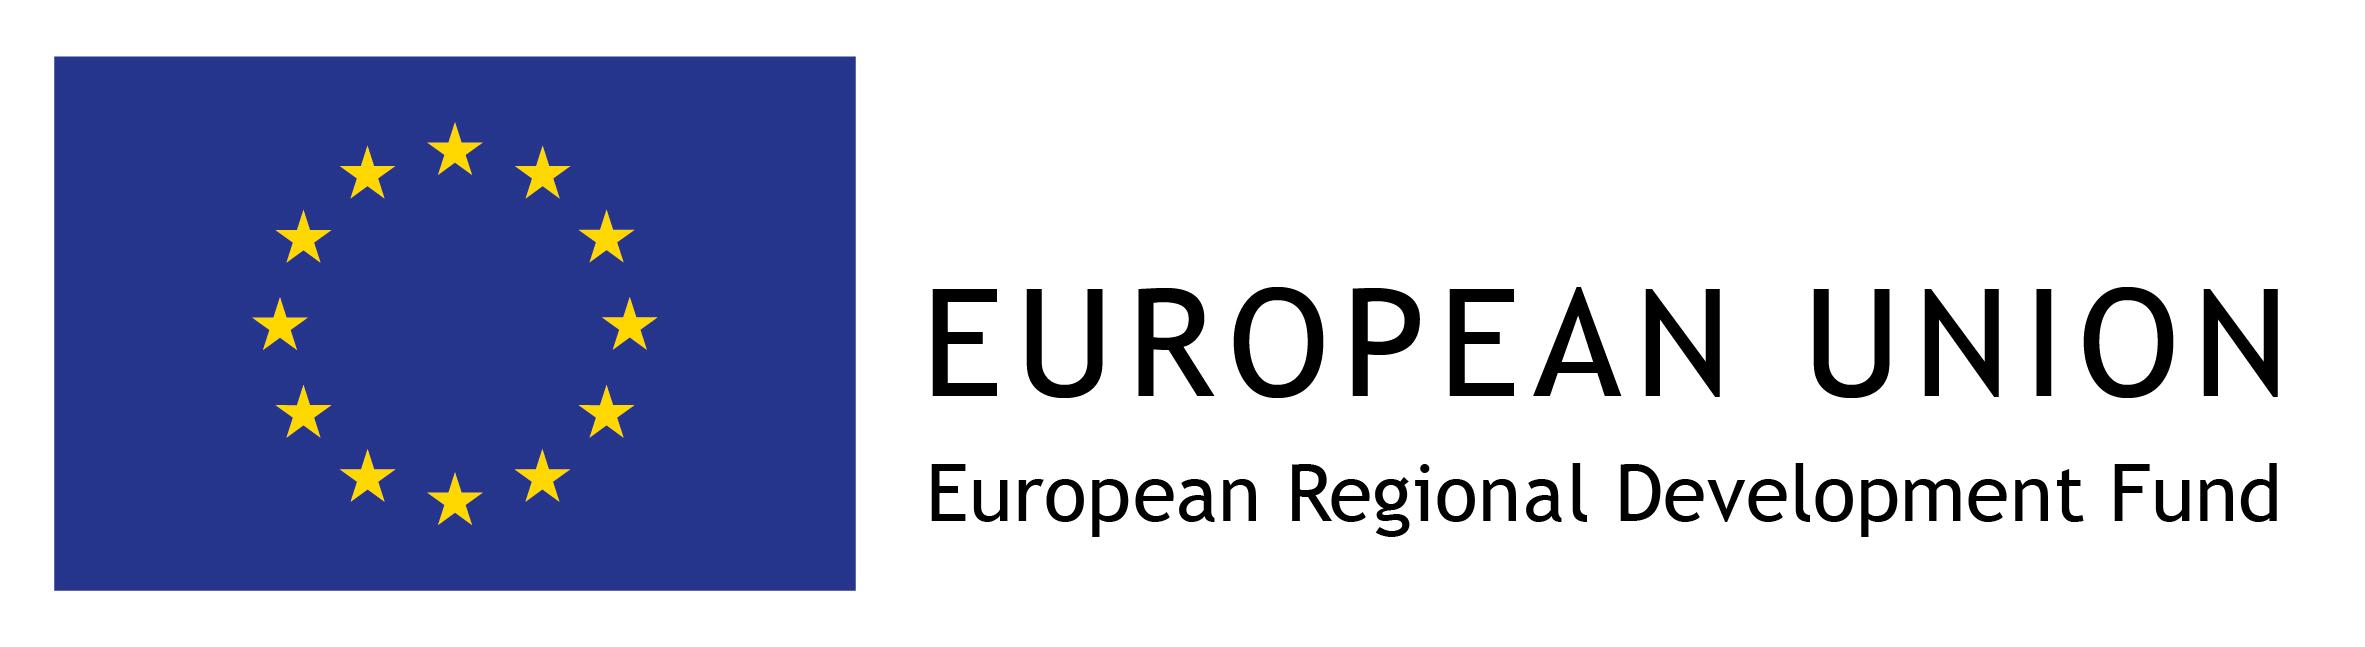 EU_flag_horizontal_RGB.jpg